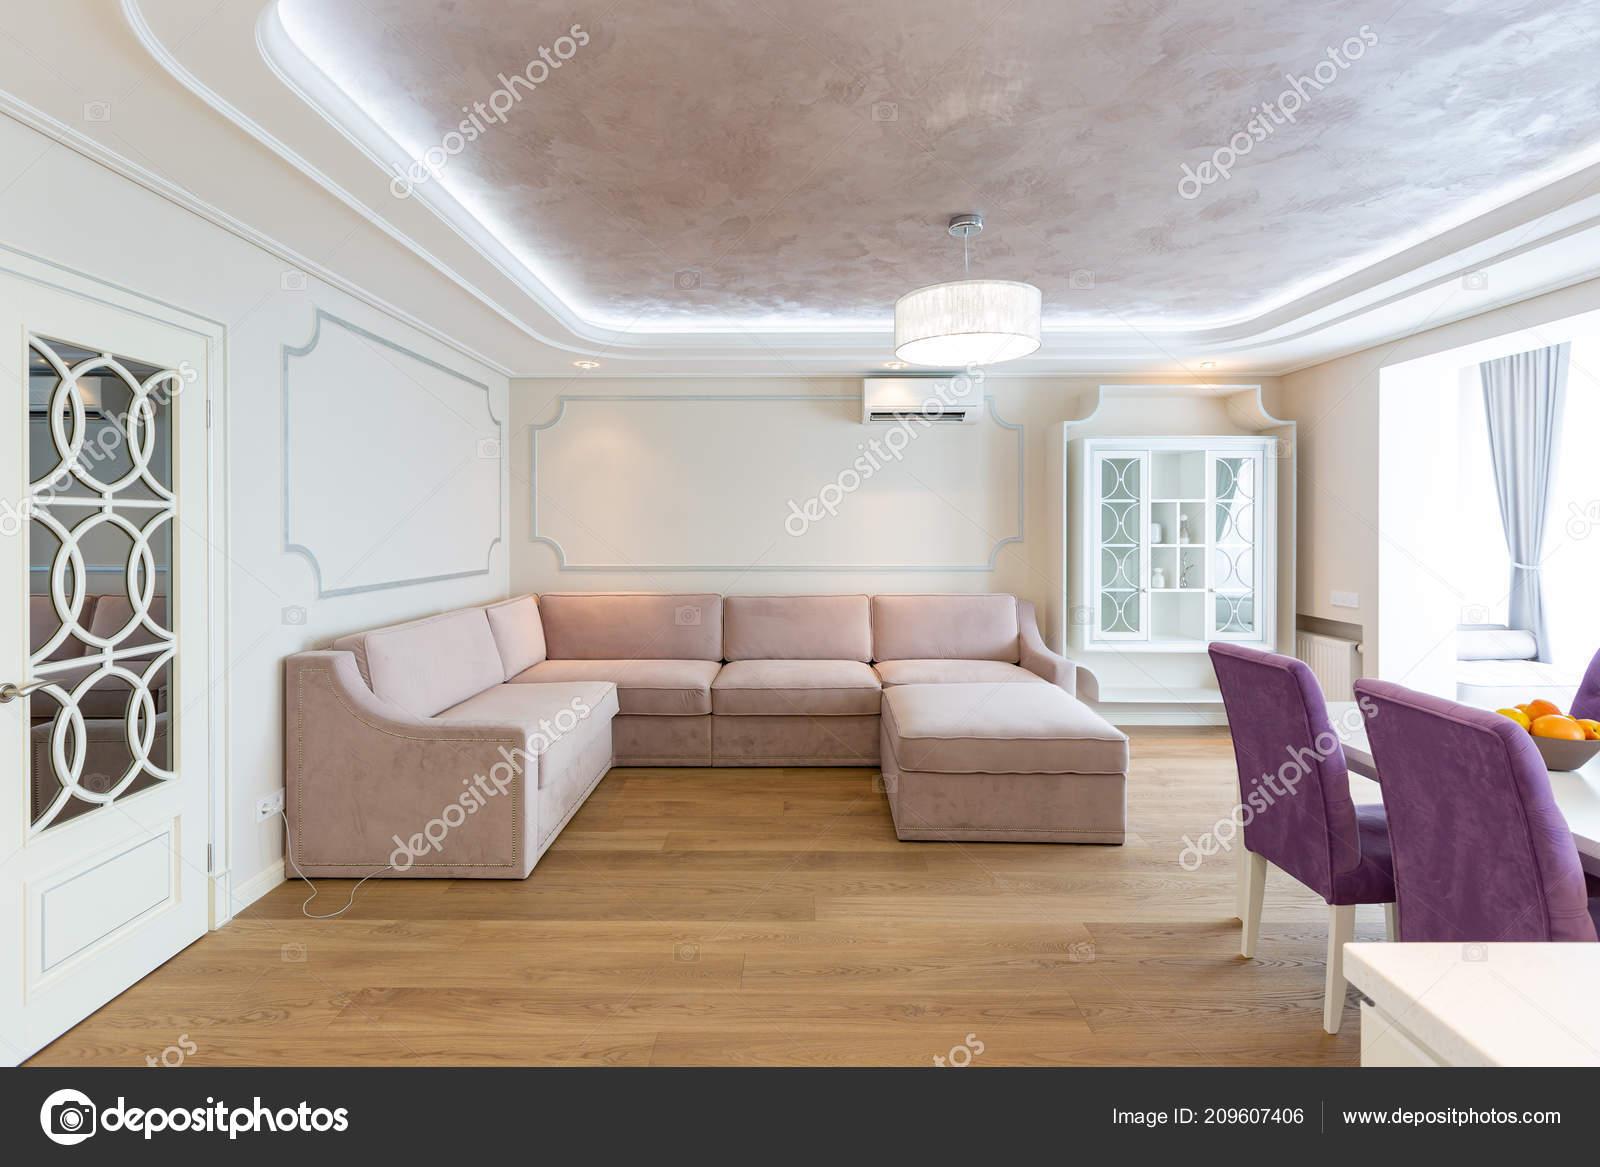 Moderne Wohnzimmer Interior Design Mit Lila Sofa Und Einen ...